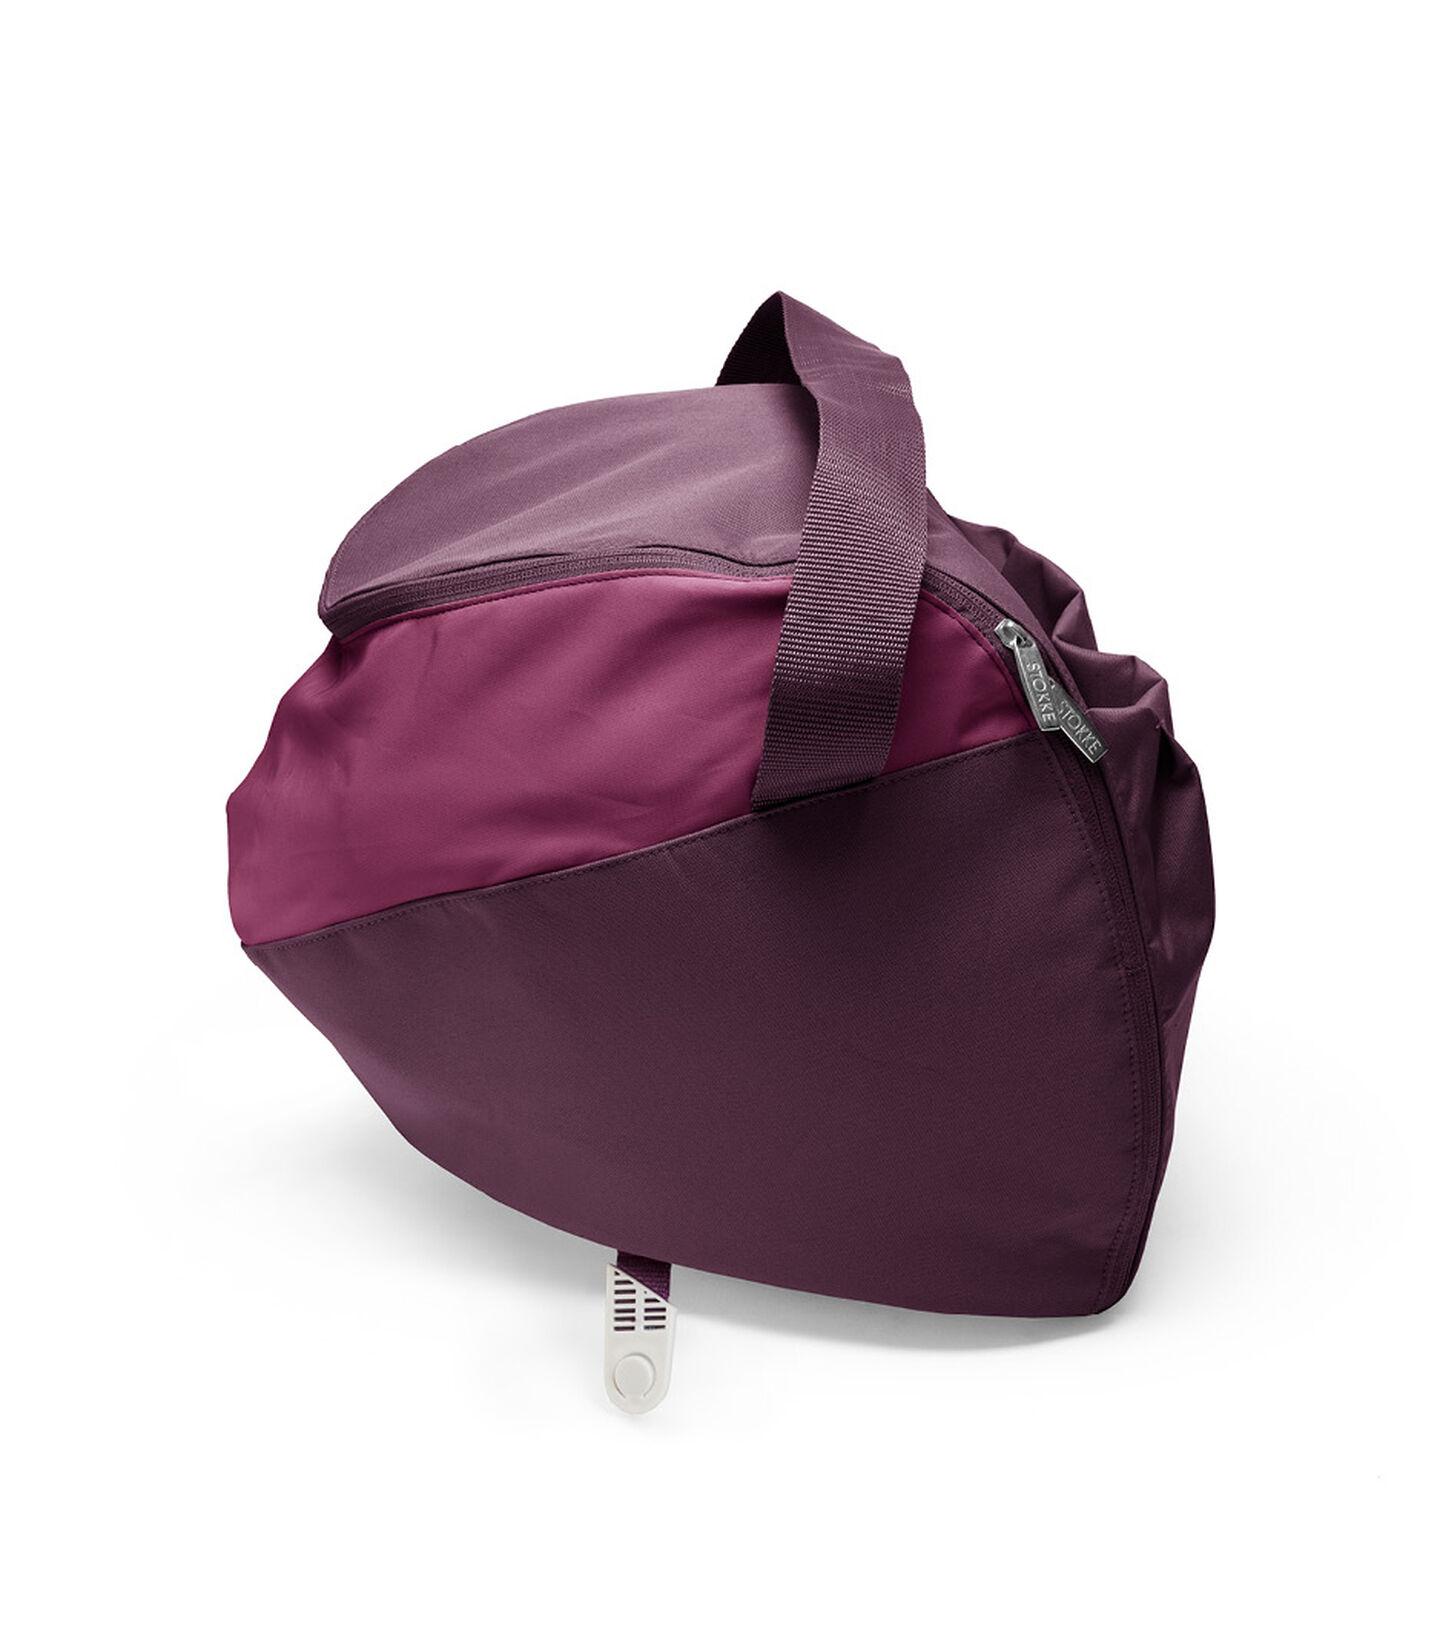 Stokke® Xplory® Bolsa de Compra V4 Púrpura, Púrpura, mainview